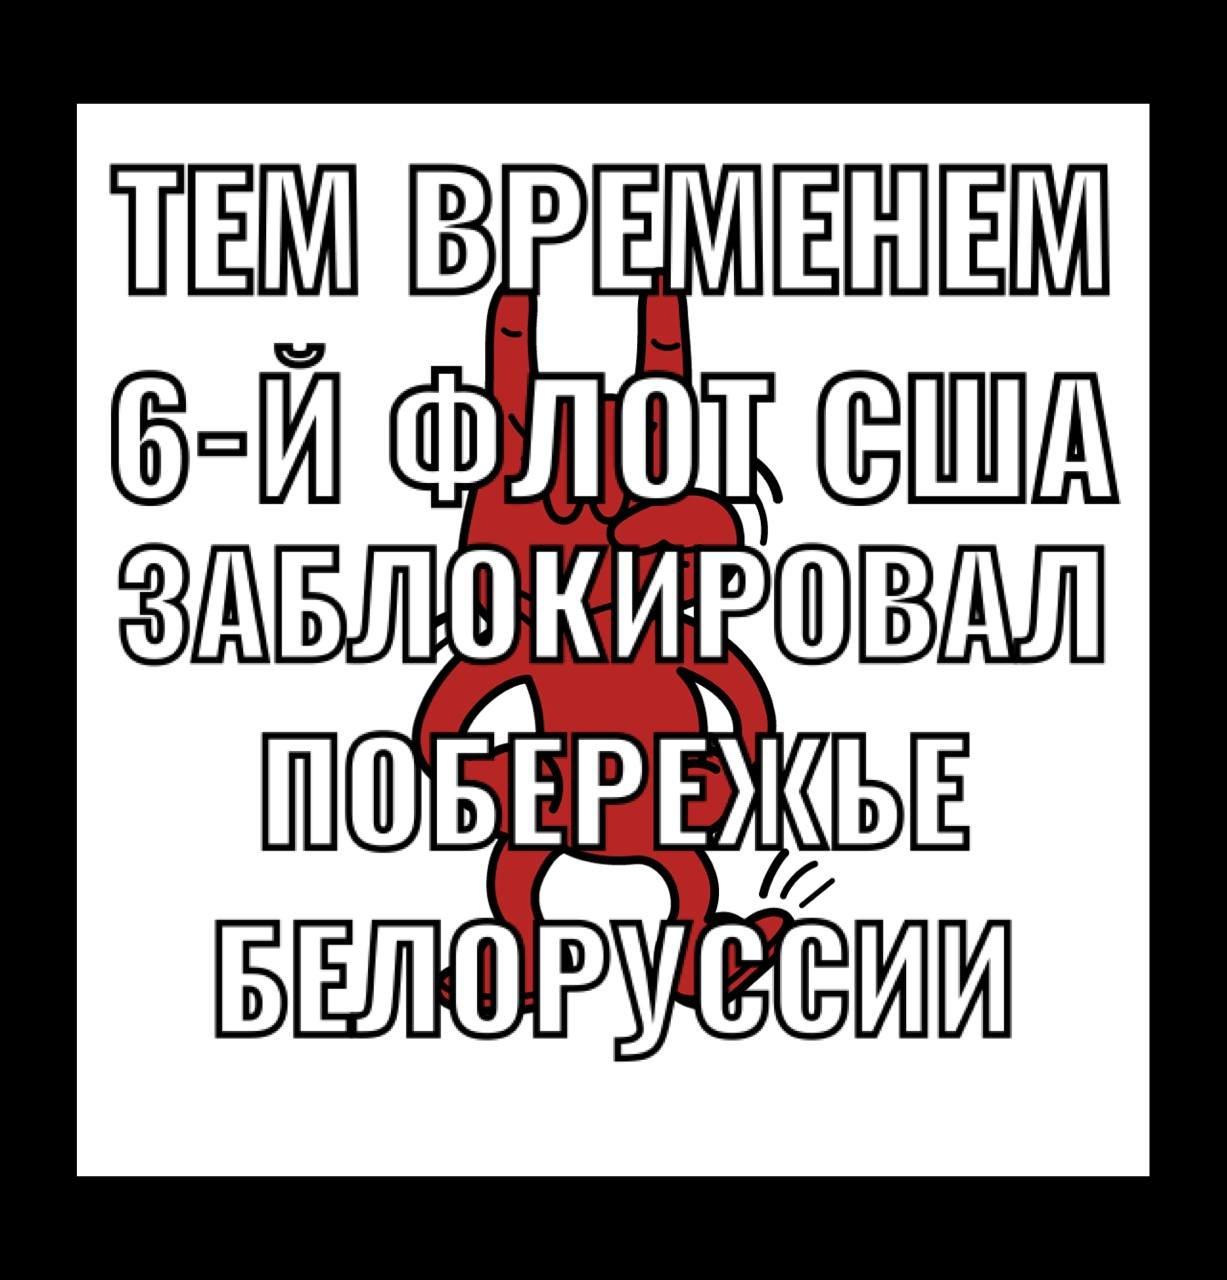 f9647e01a8bfcd9cf791331a42e51d55.jpg